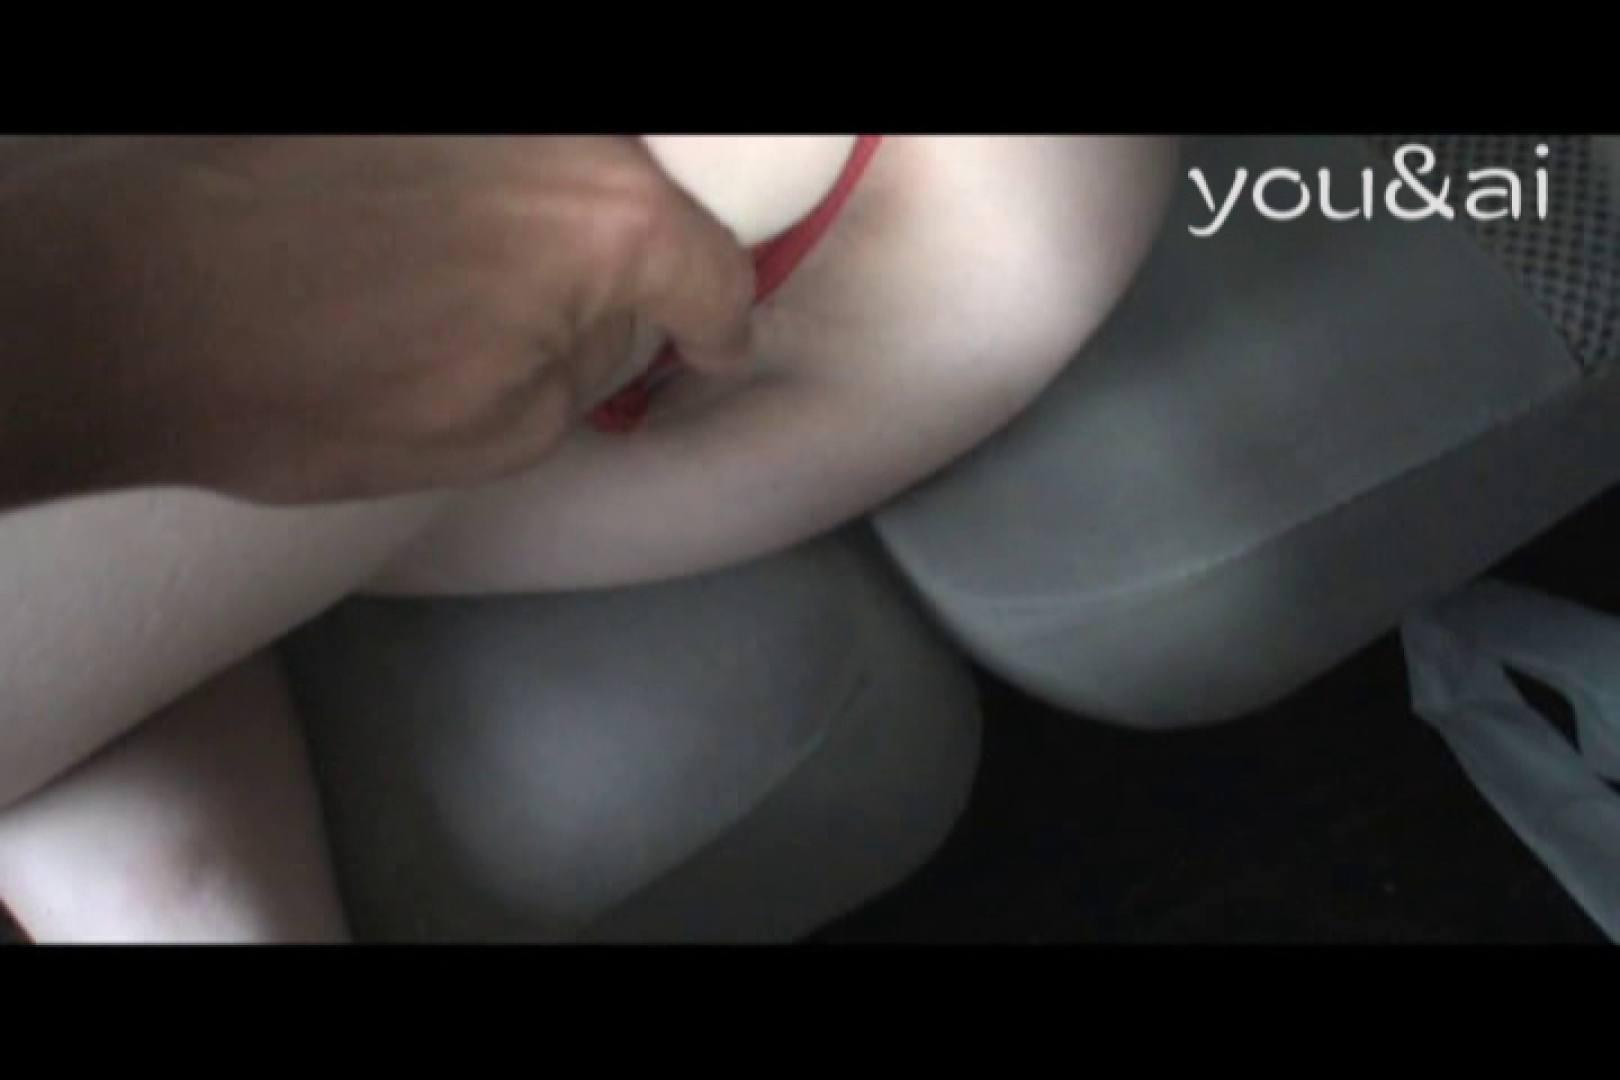 おしどり夫婦のyou&aiさん投稿作品vol.4 緊縛 | 一般投稿  107画像 14